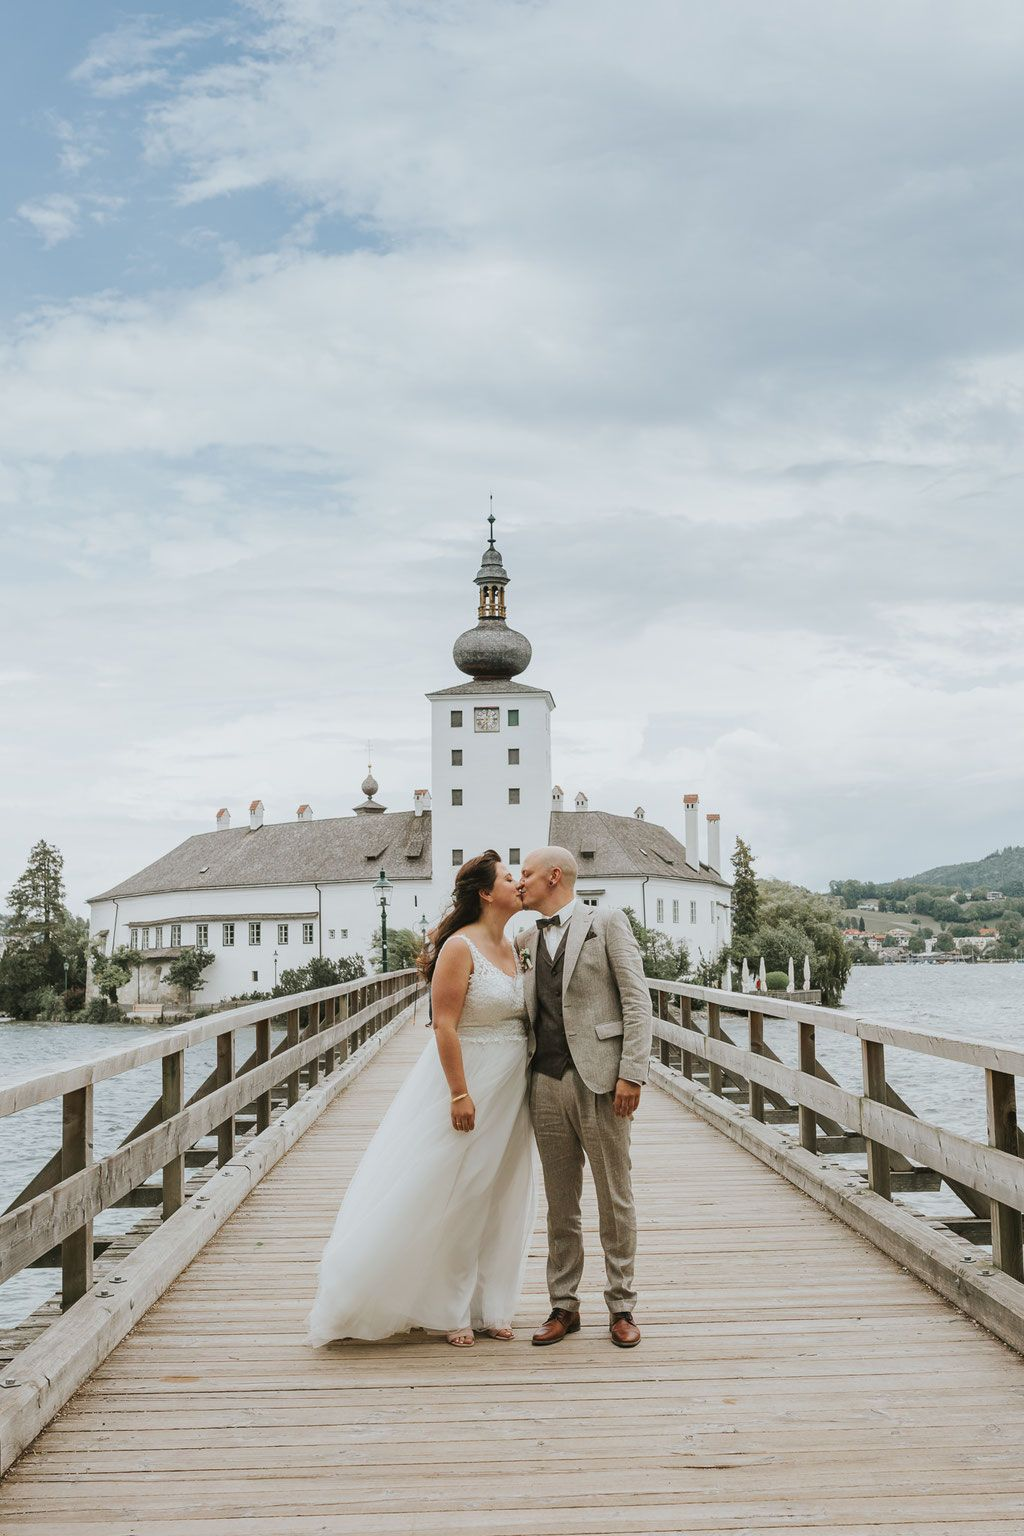 Trauung Im Schloss Ort Gmunden Hochzeit Schloss Ort Traunsee Brautpaarshooting Marapilzfotografie Hochzeit Schloss Hochzeitsfotograf Hochzeitsfotografie